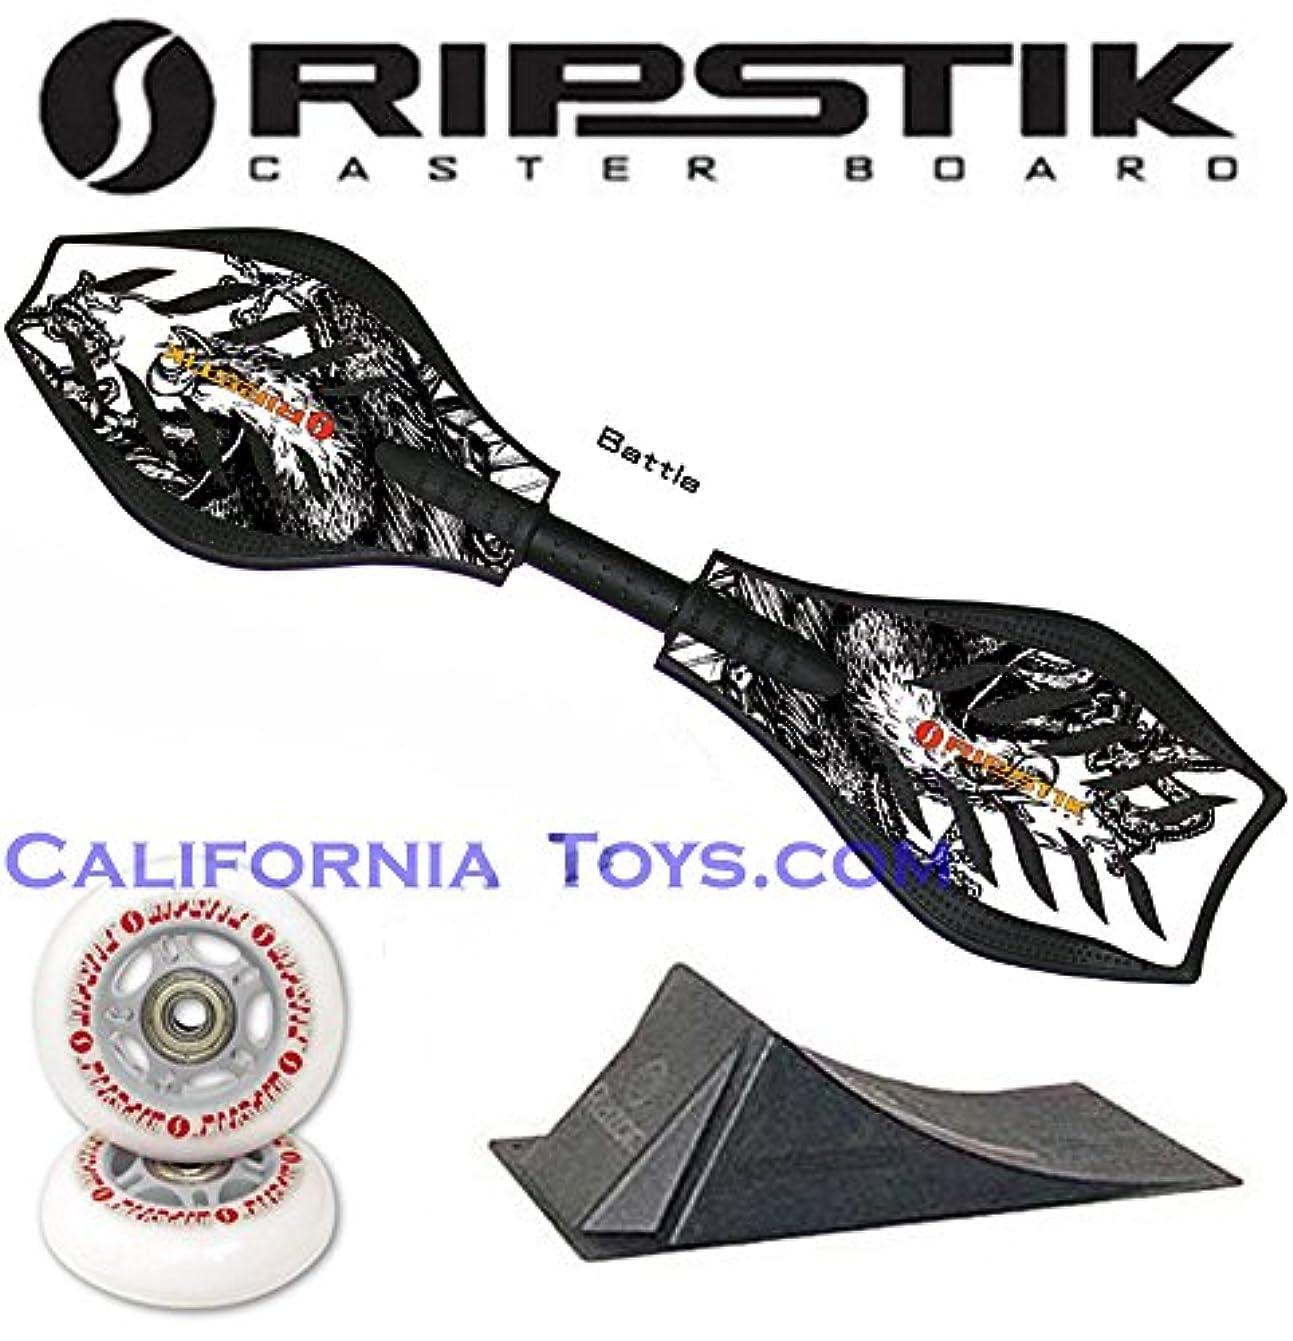 近代化する軍後悔Razor Ripstik 限定版 バトルキャスターボード スケートボード パンクスロープとグレーホイールの追加セット